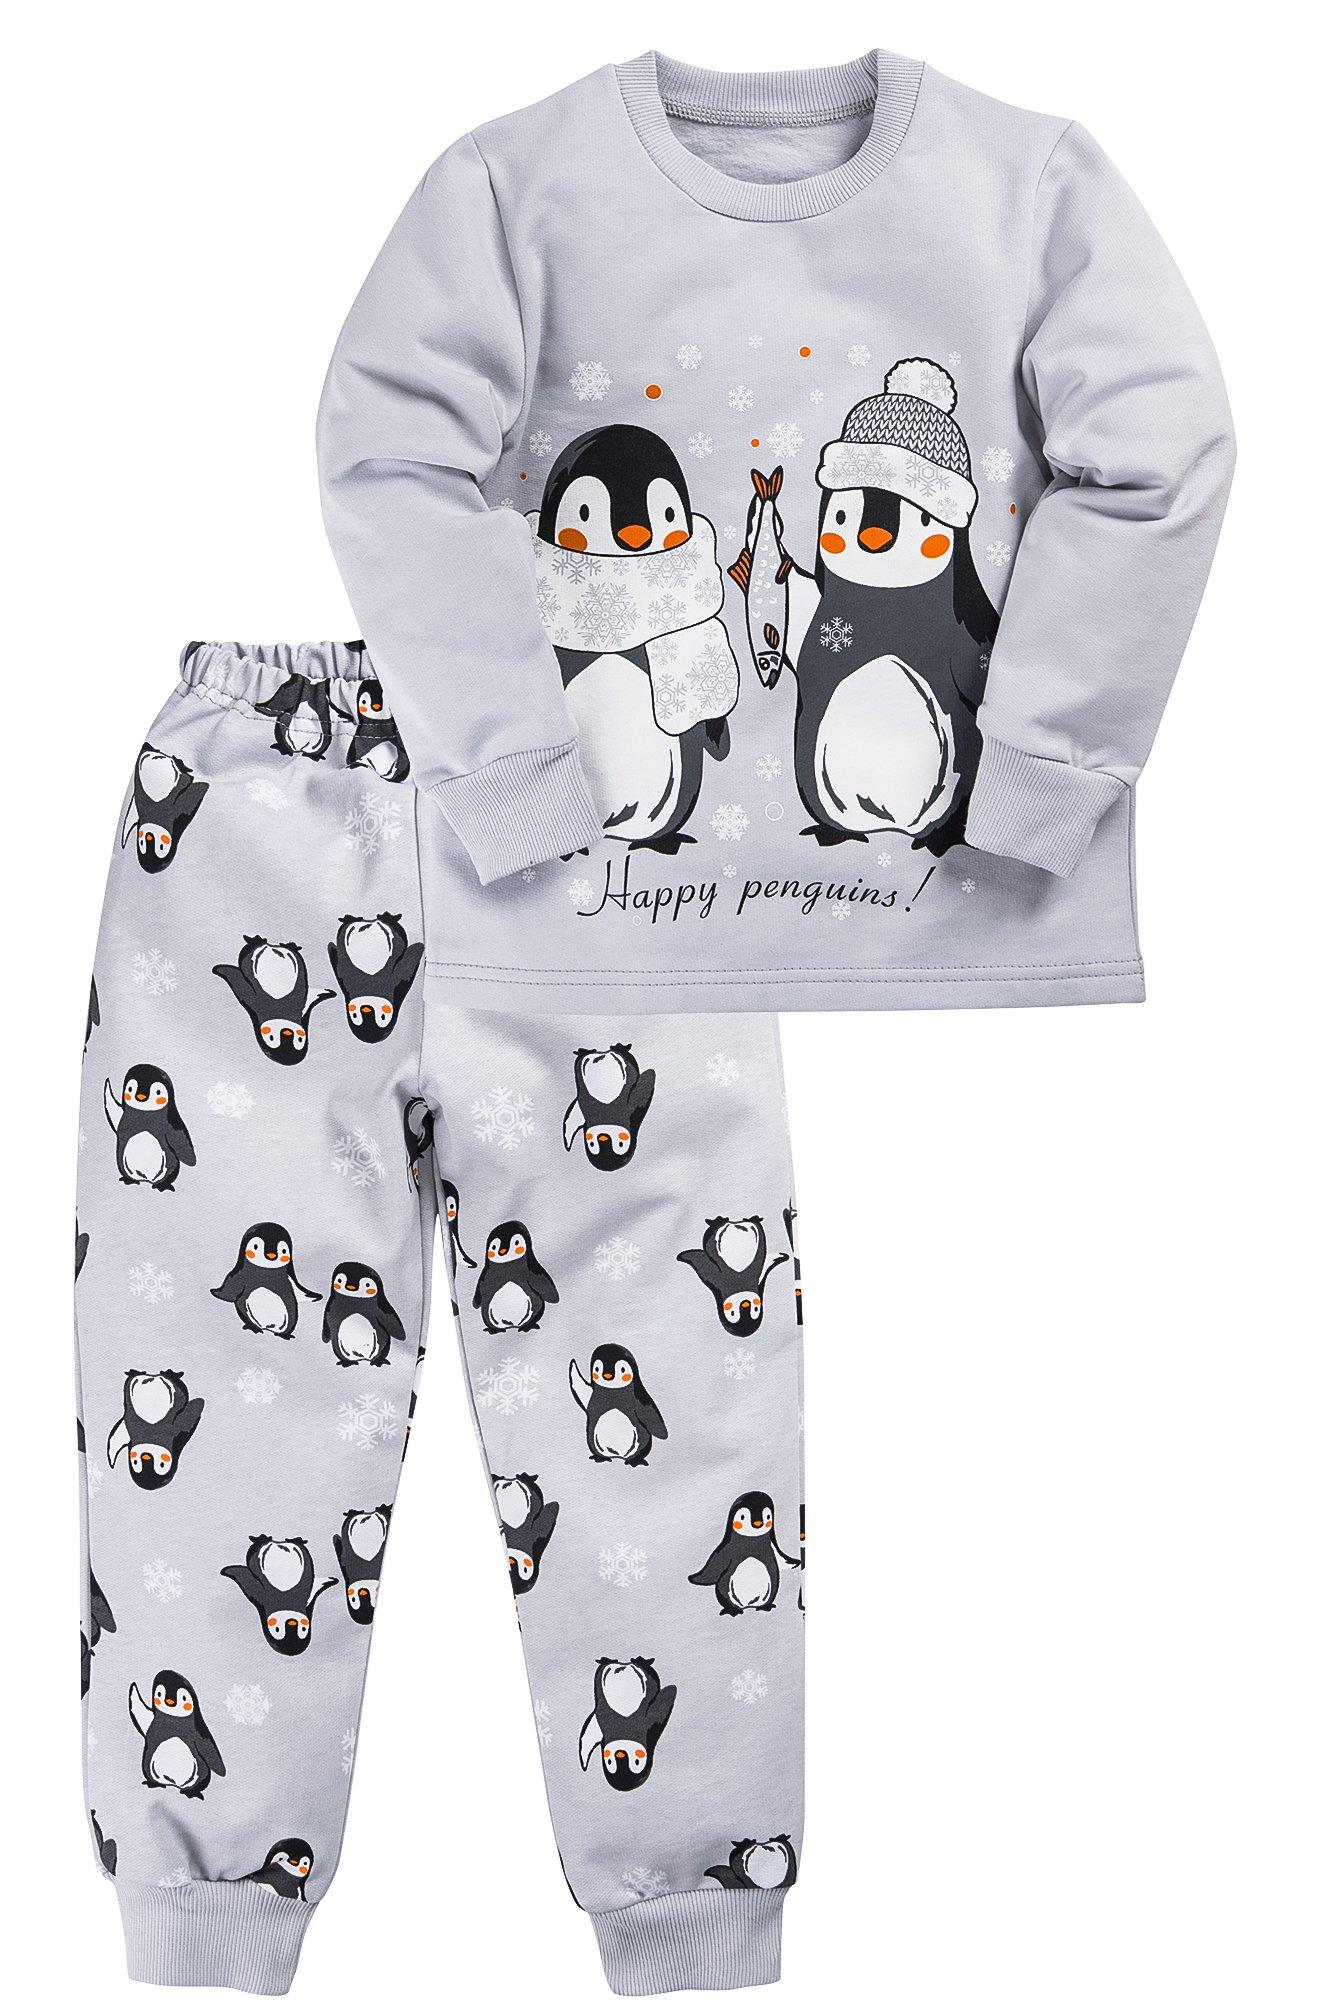 Пижама для девочки Luneva купить оптом в интернет-магазине Happywear.ru 7d18493a88e21